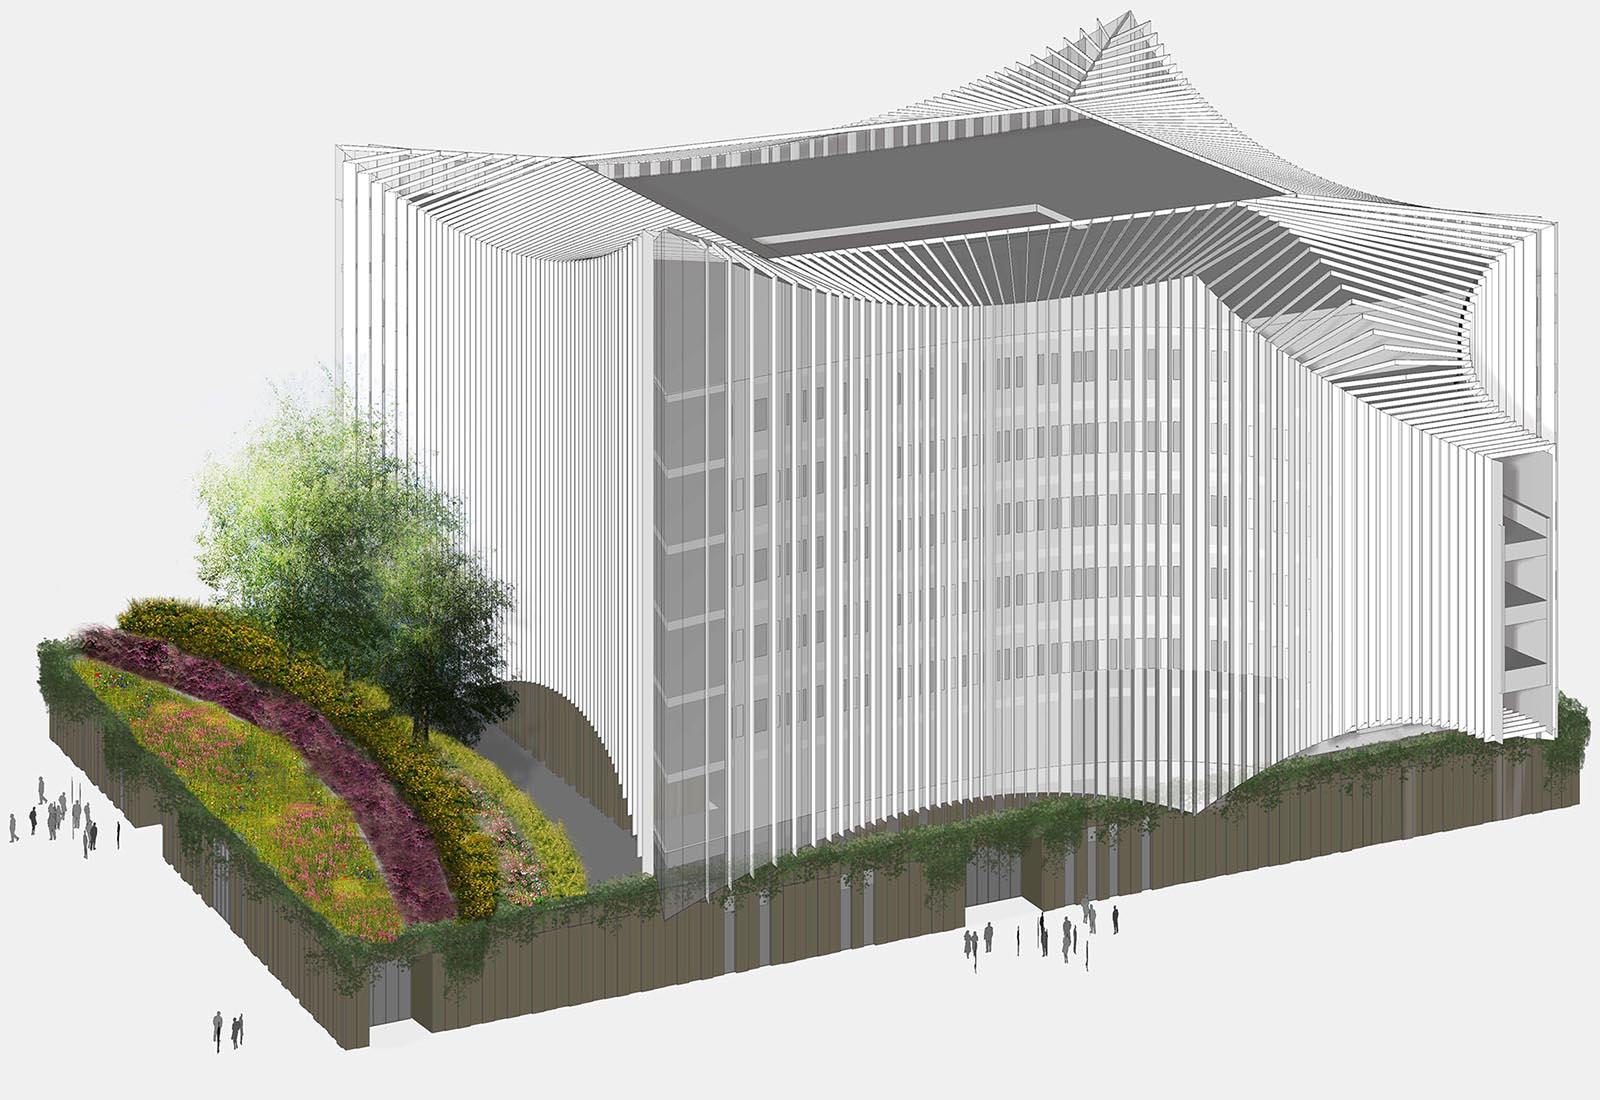 Ampliamento Ospedale San Raffaele a Milano - Vista assonometrica